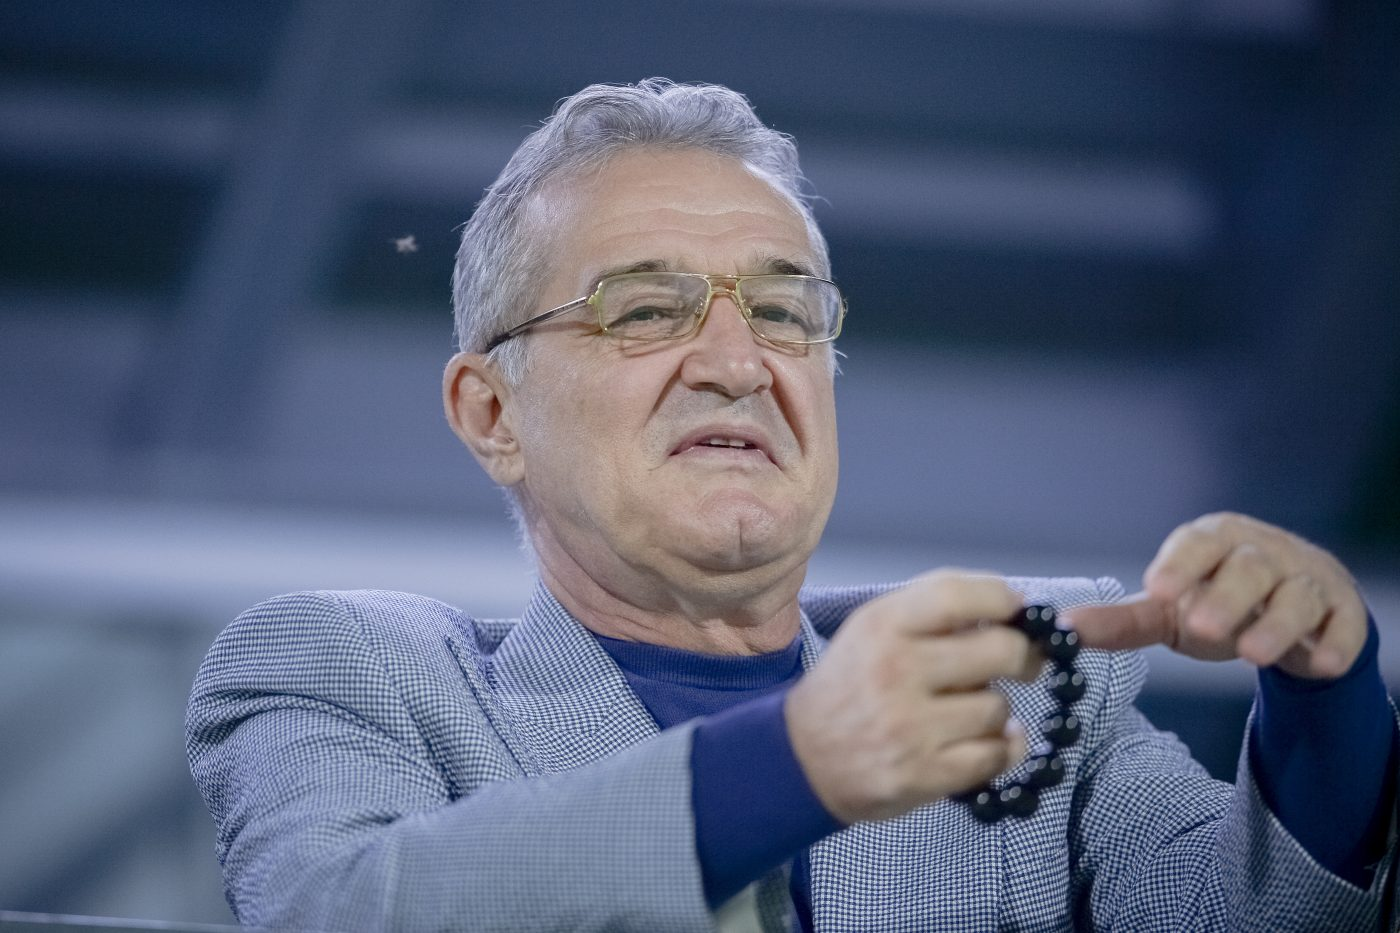 """Ce meciuri urmărește Gigi Becali la televizor! Dezinteres major al patronului de la FCSB: """"Dacă mi-e foame, cobor să mănânc"""""""